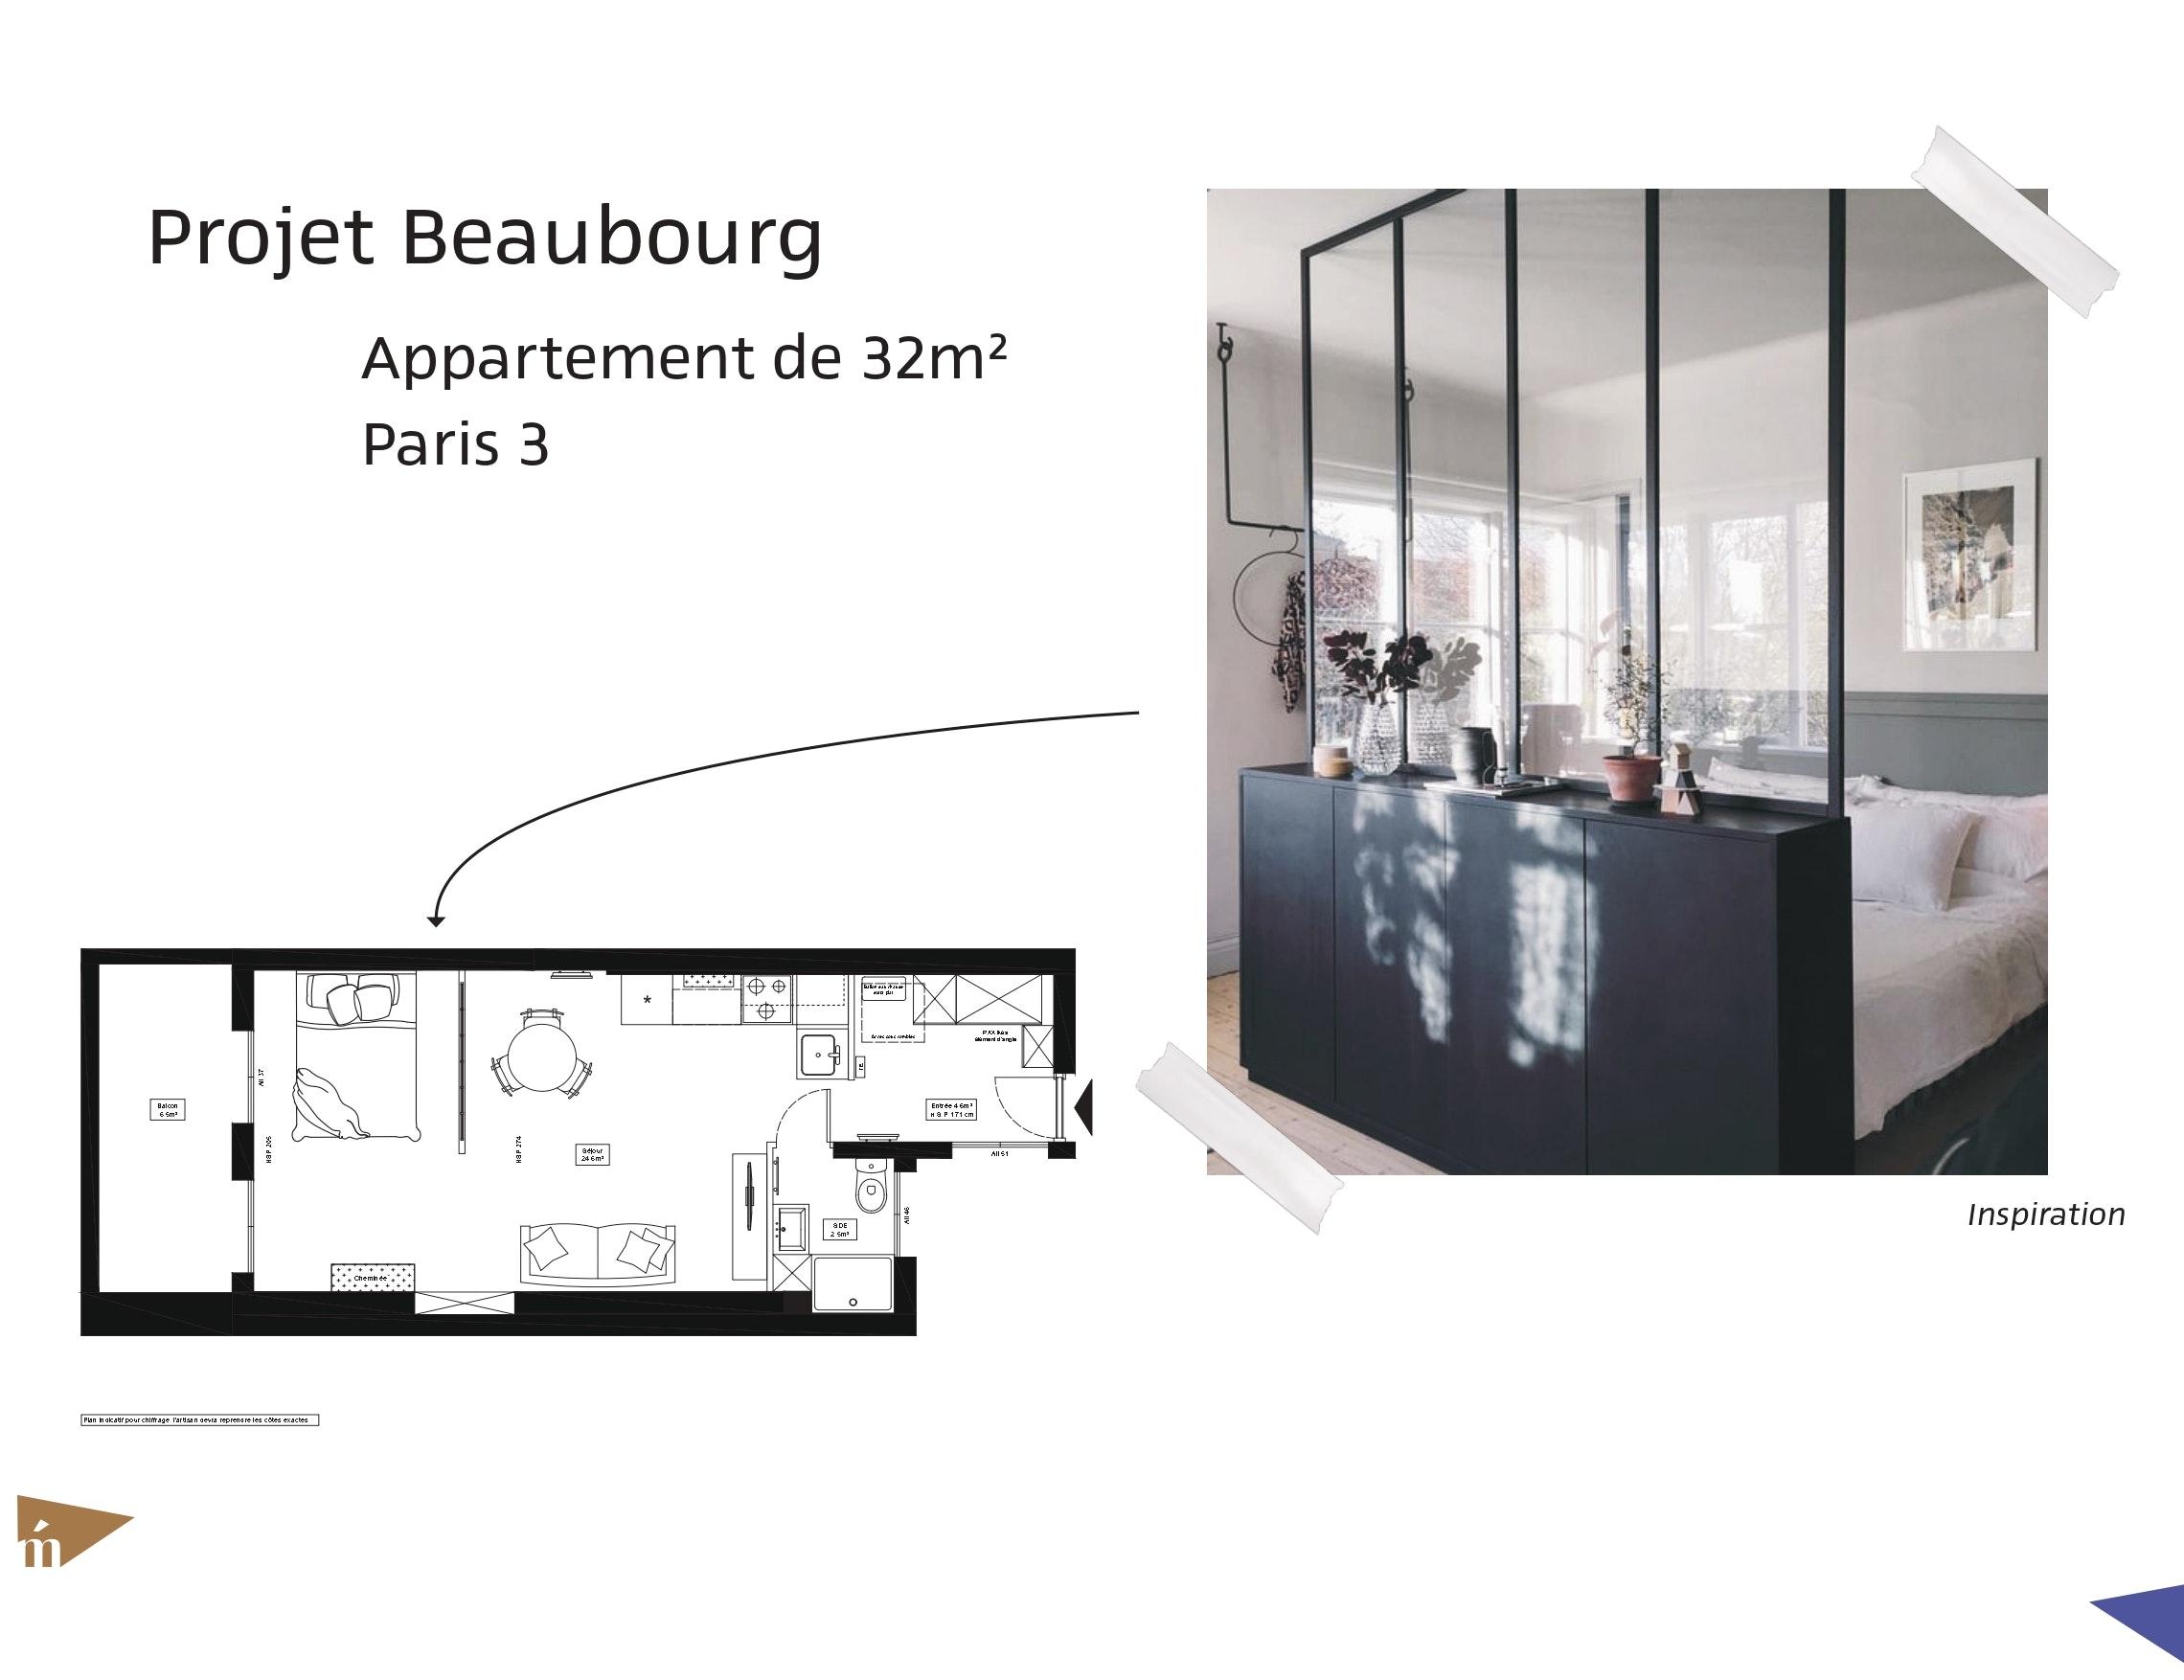 photo Projet Beaubourg - Appartement 32 m² - Paris 3 Léa Mast - Architecte hemea